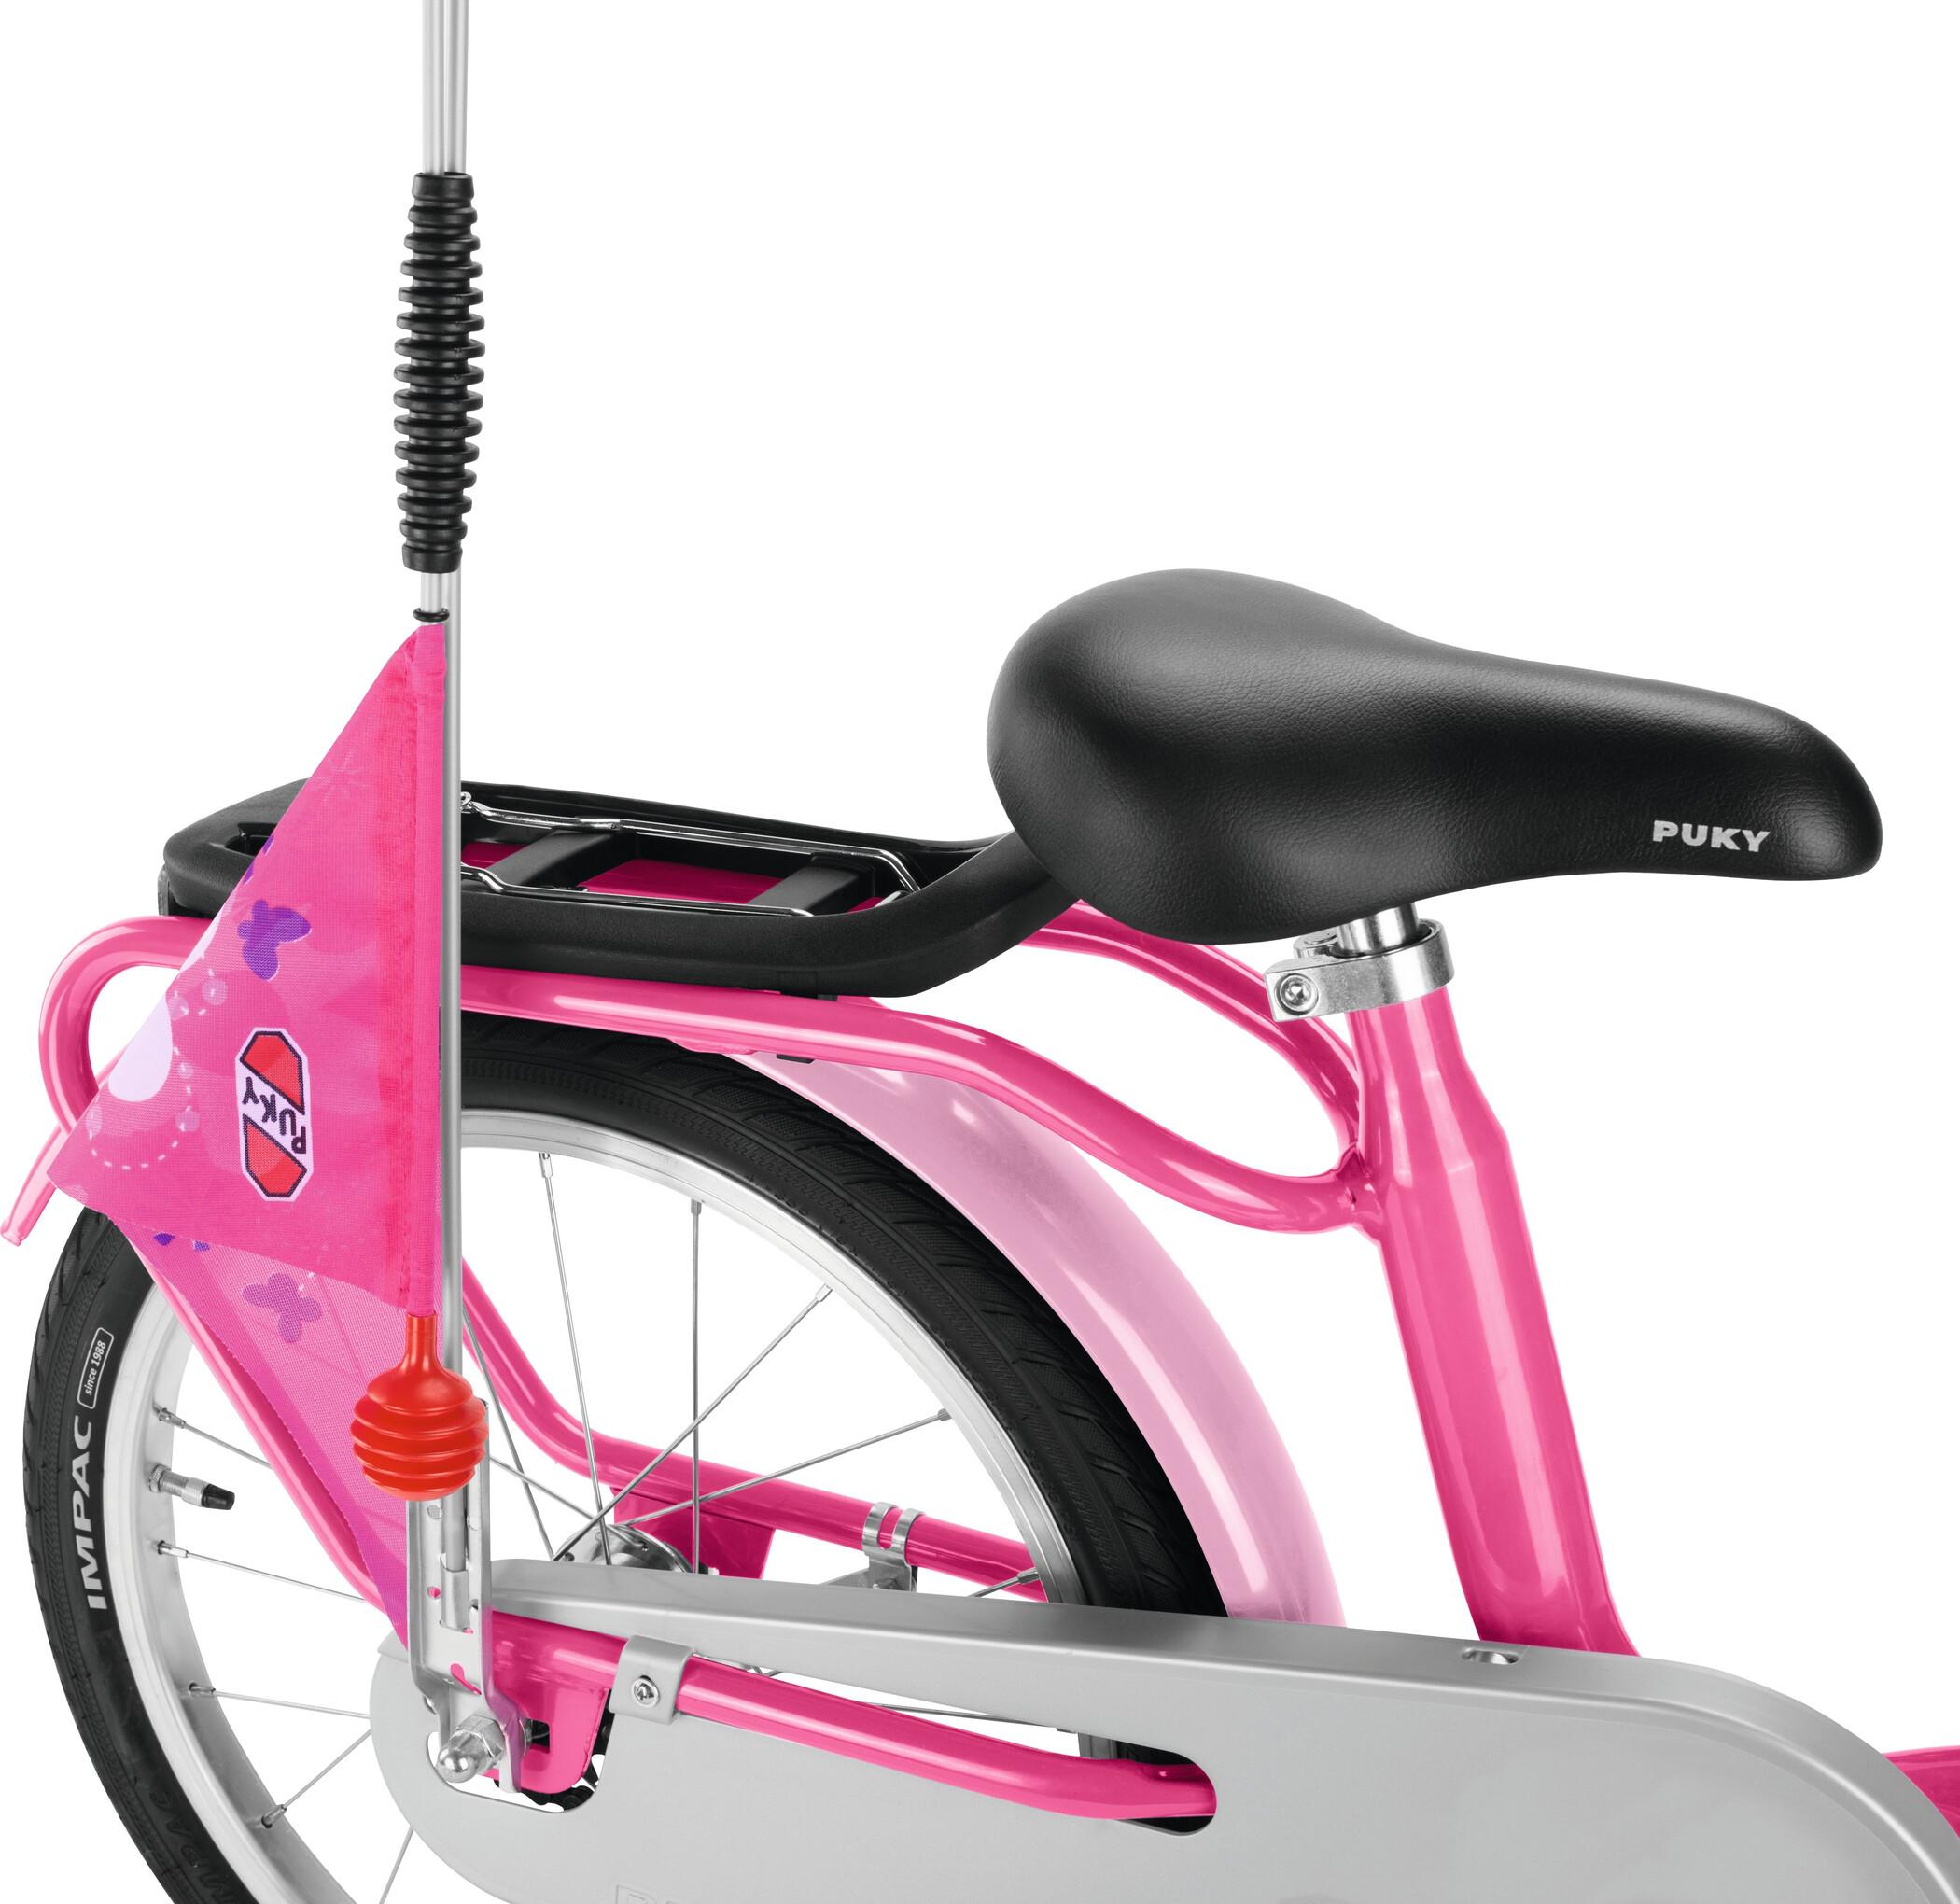 Puky SW 3 Vimpel til Z/R, lovely pink (2020) | City